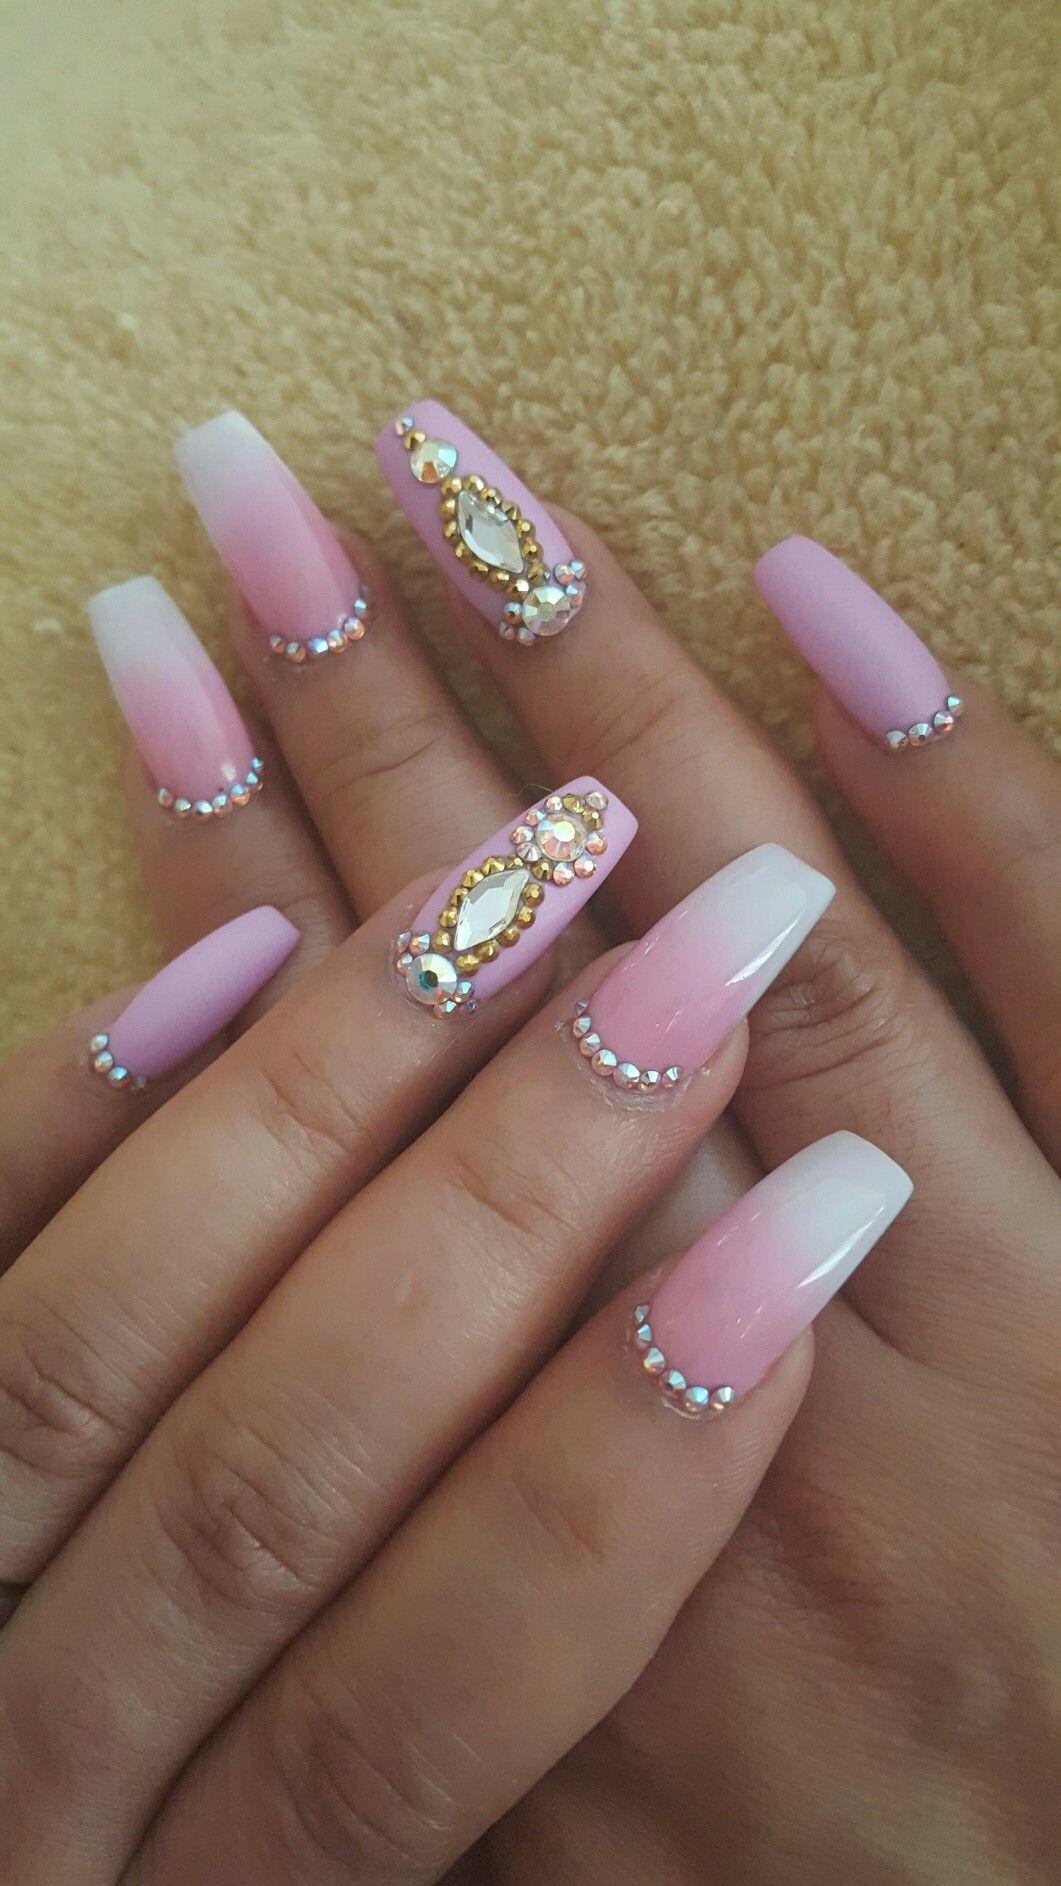 25 Cute Pink Nail Art Designs 2019 Hairstyles 2u Pink Nail Art Designs Floral Nails Pink Nail Art